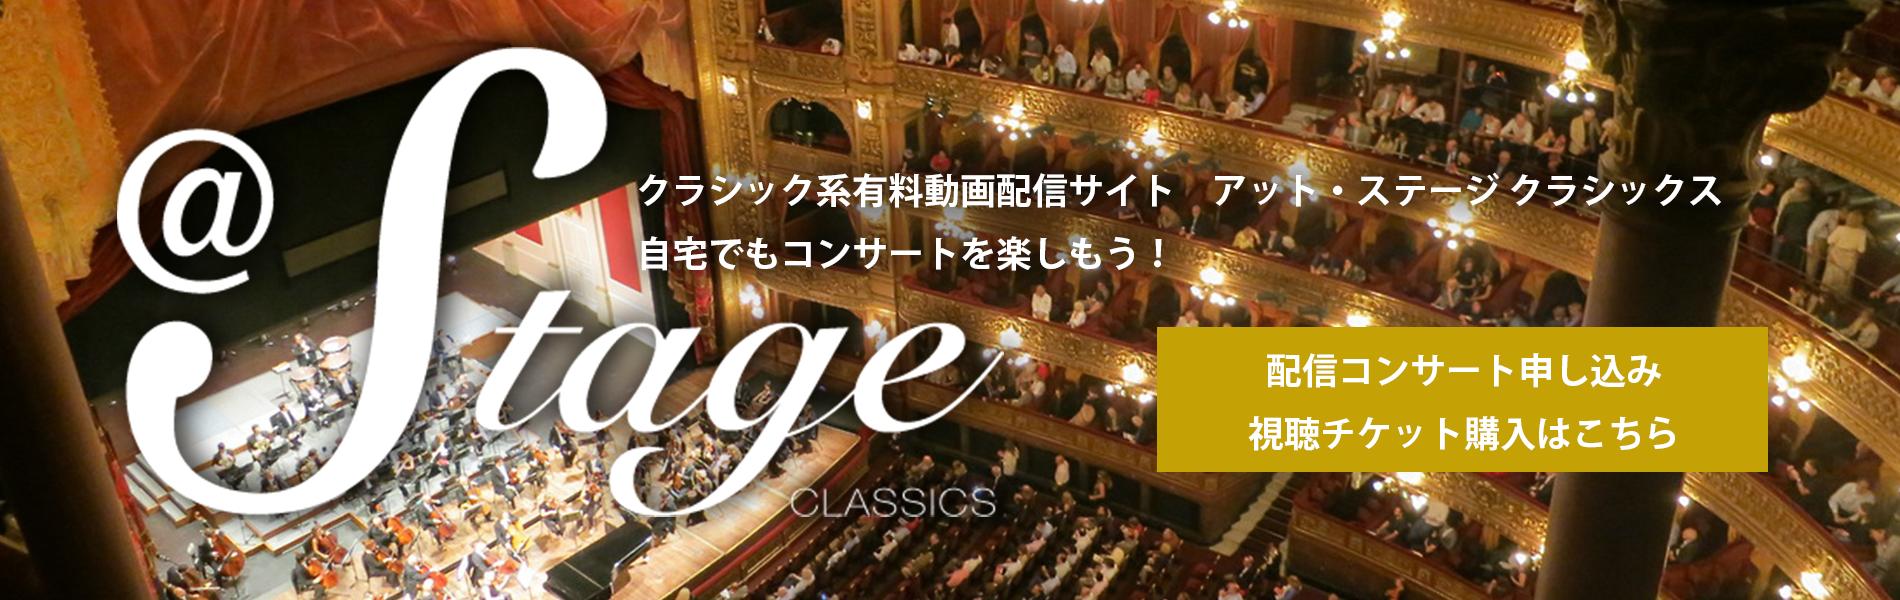 クラシック系有料配信サイト アットステージ